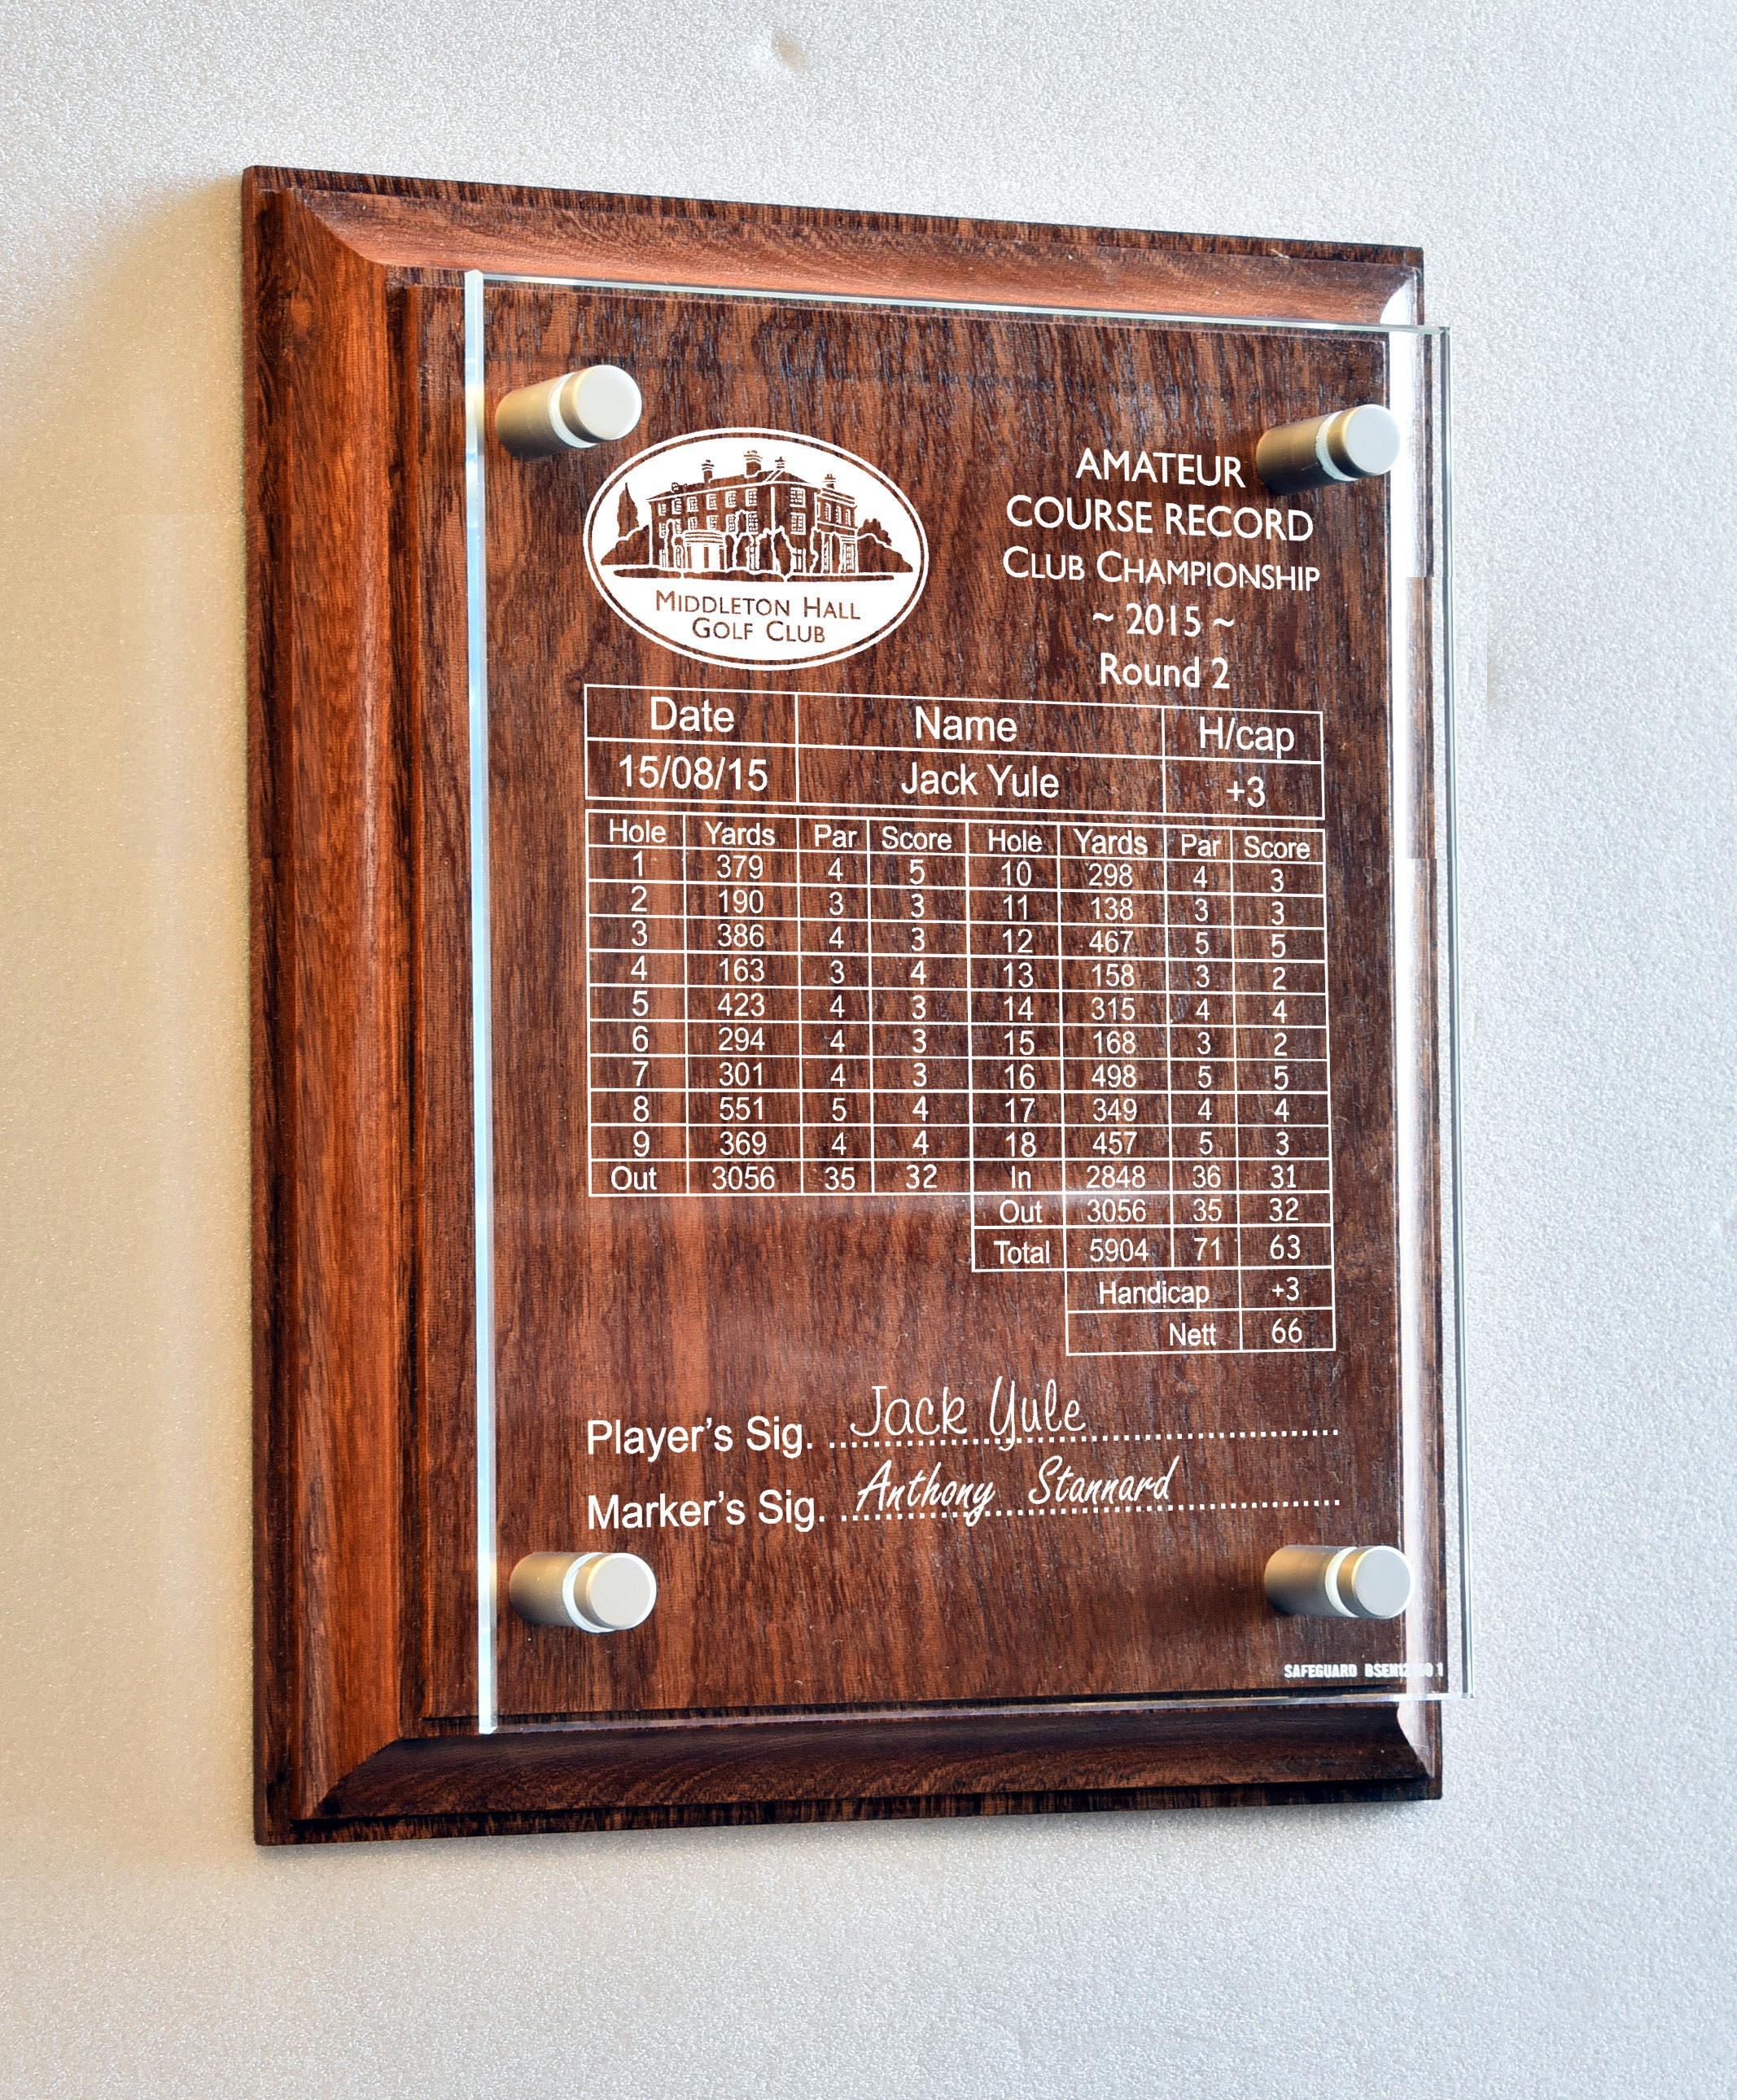 Wall Scorecard instead of brass DSC_4939 - Lowest resolution.jpg